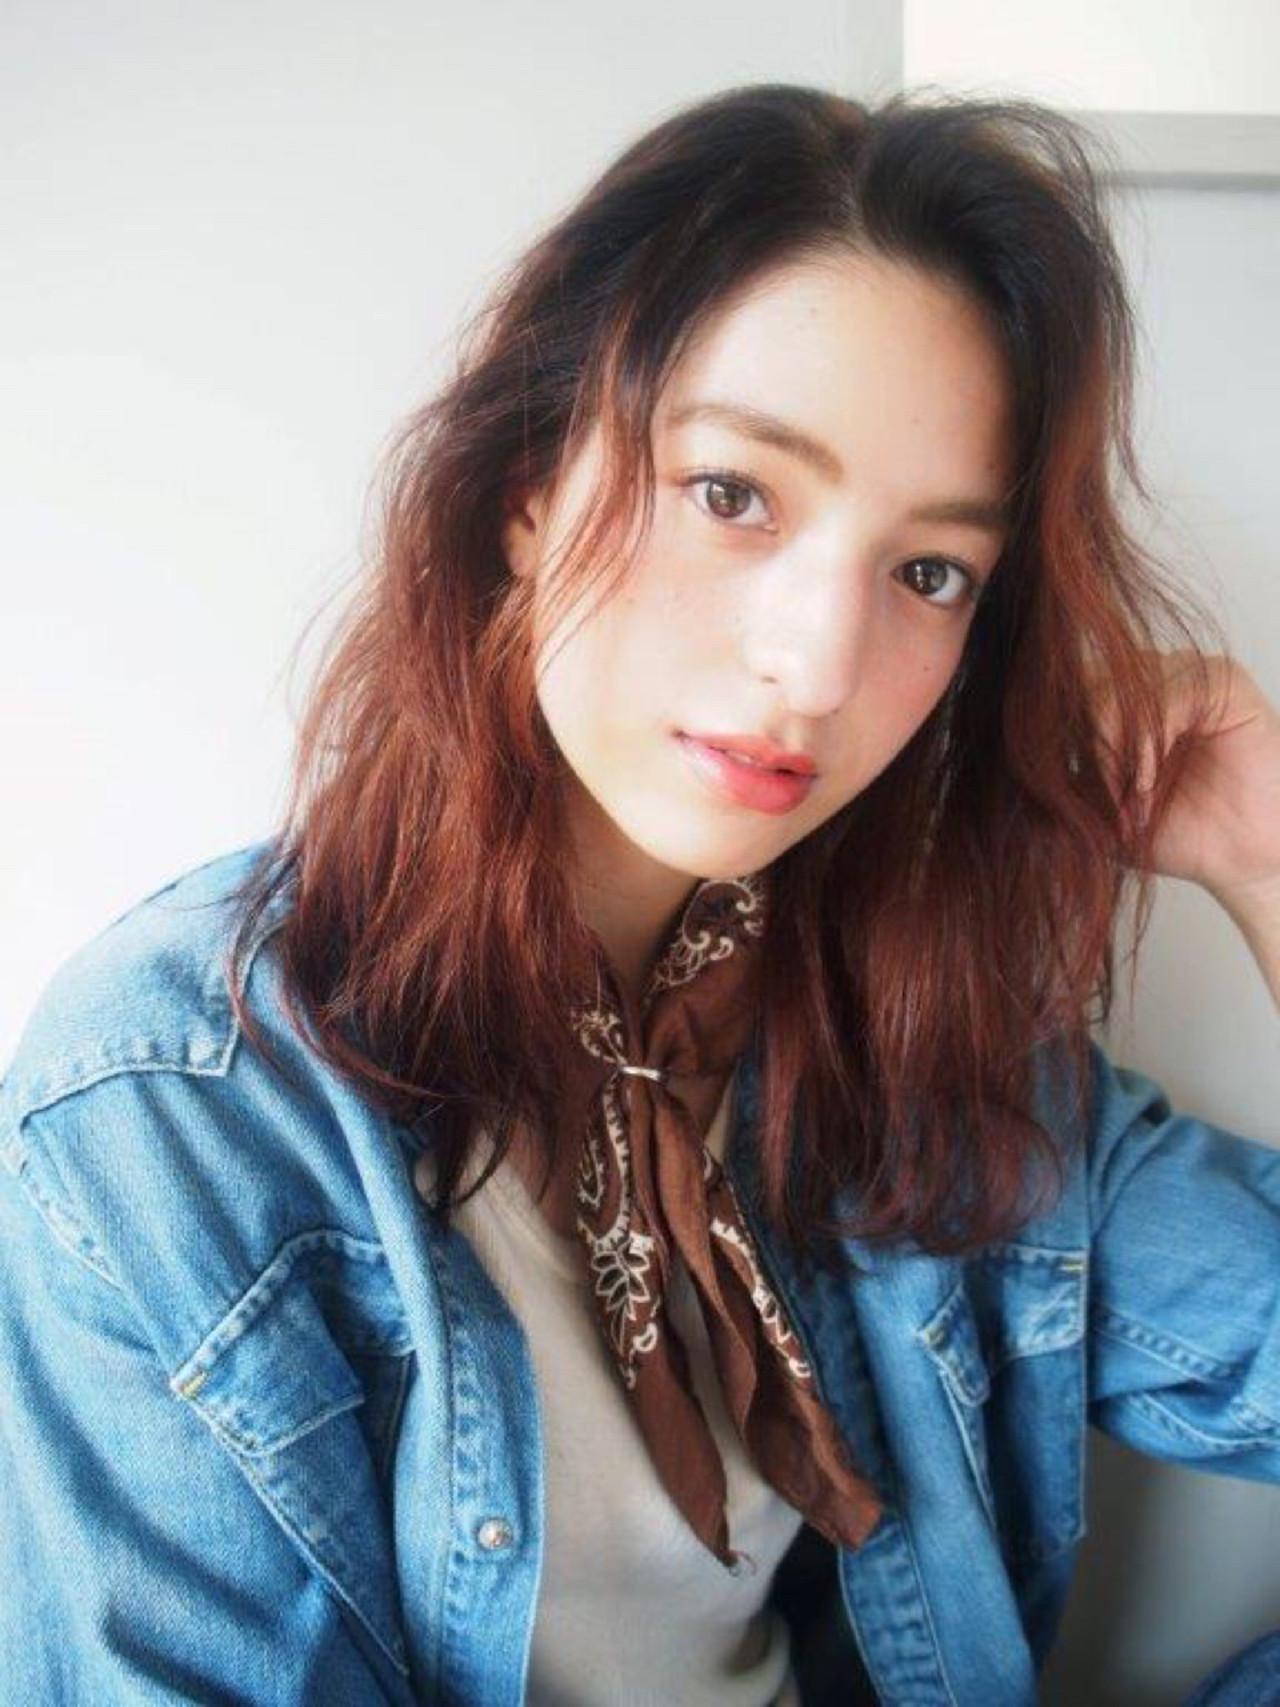 レイヤーカット パーマ グラデーションカラー ナチュラル ヘアスタイルや髪型の写真・画像 | 鈴木 成治 / LOAVE AOYAMA(ローヴ アオヤマ)